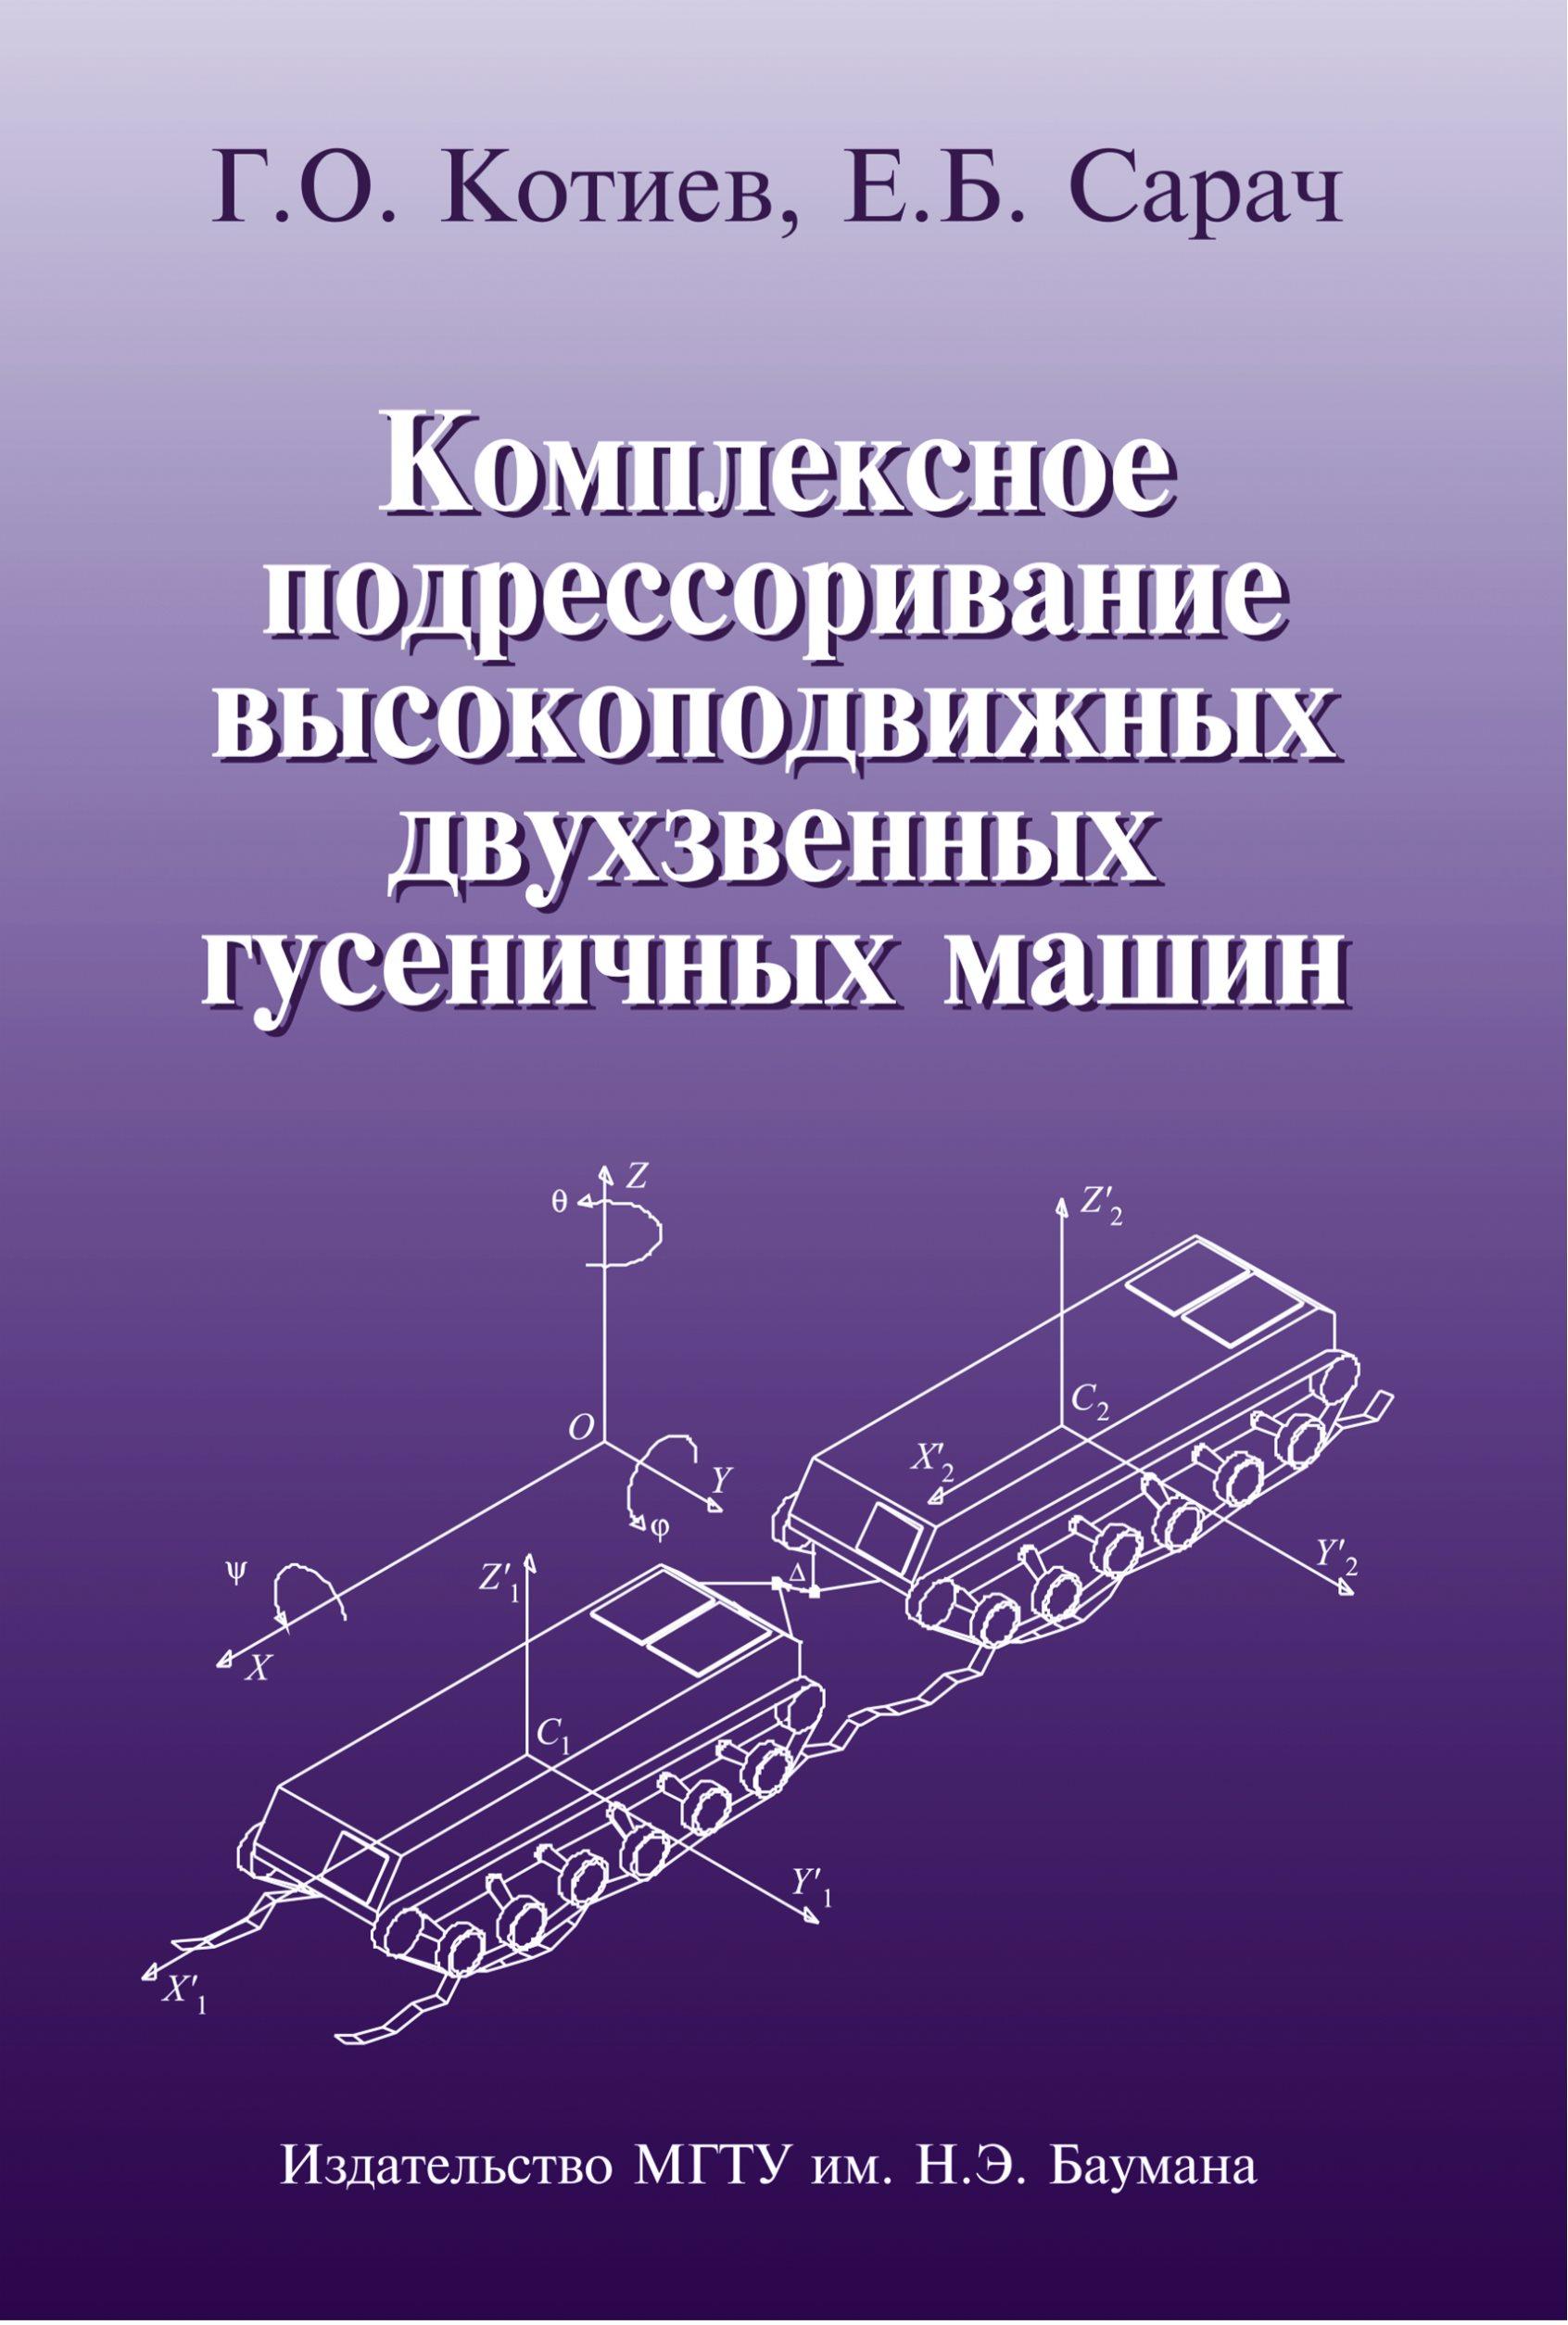 Георгий Котиев Комплексное подрессоривание высокоподвижных двухзвенных гусеничных машин